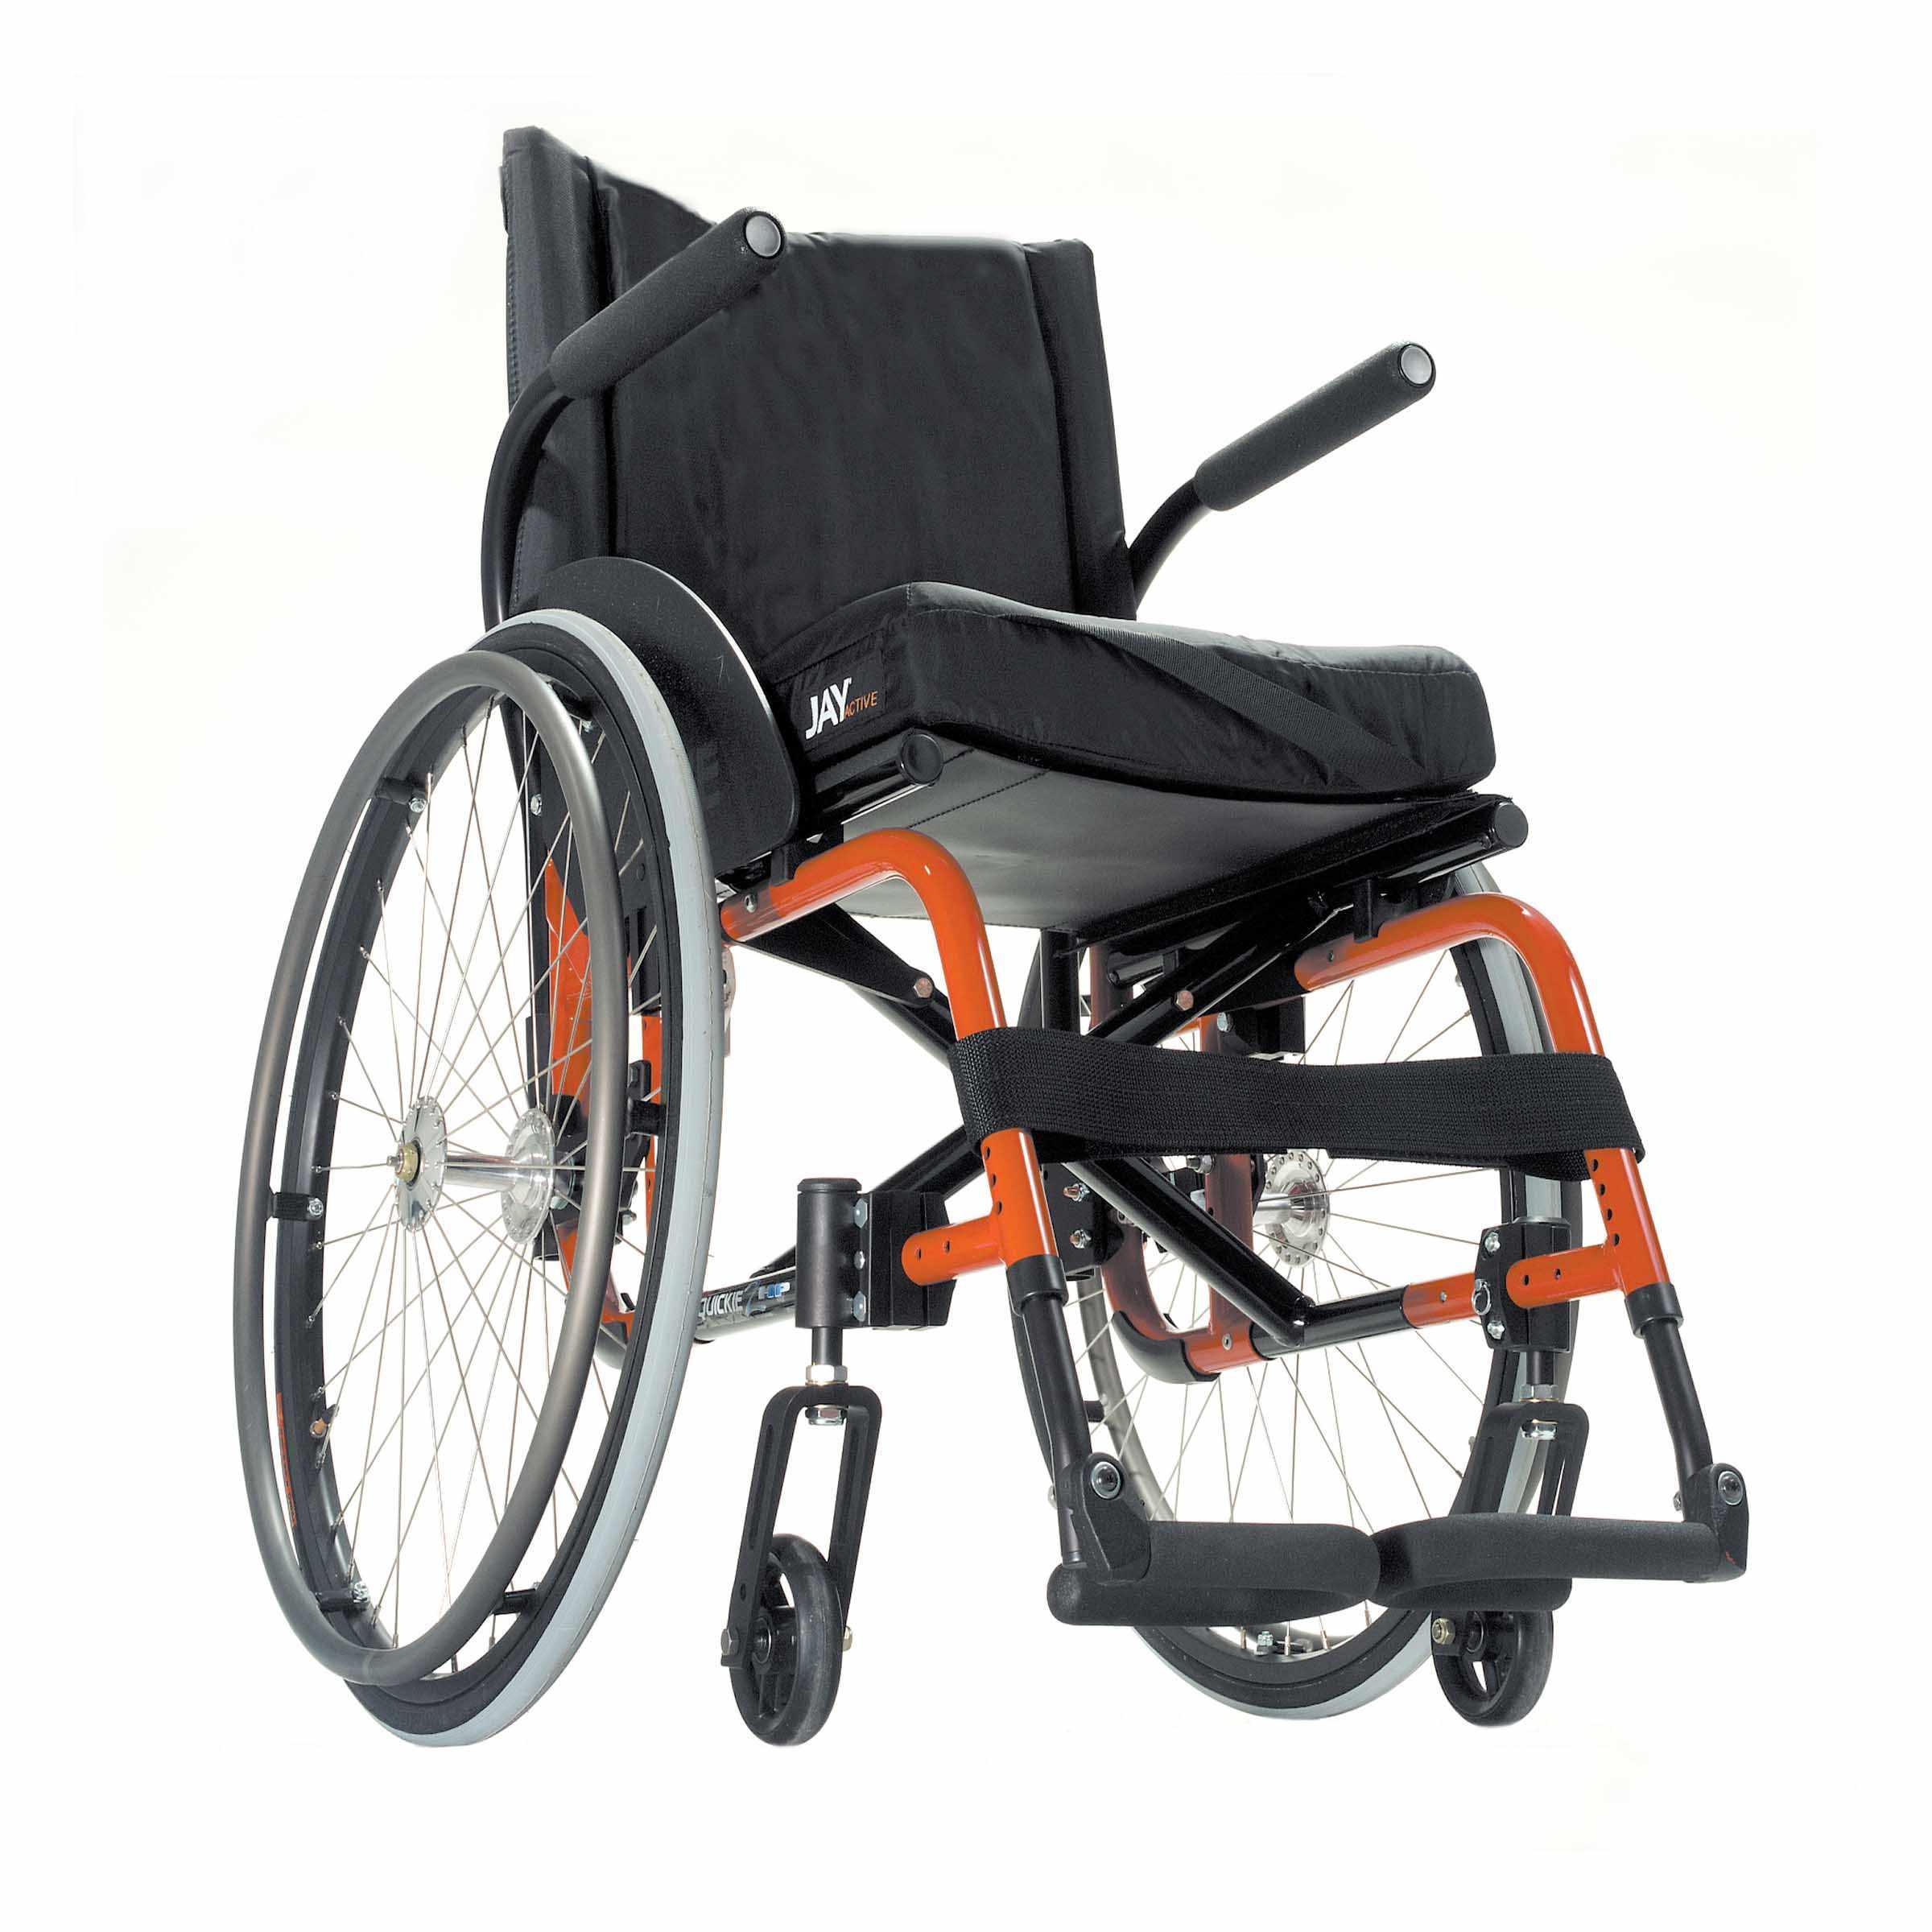 Quickie 2HP folding ultra lightweight wheelchair